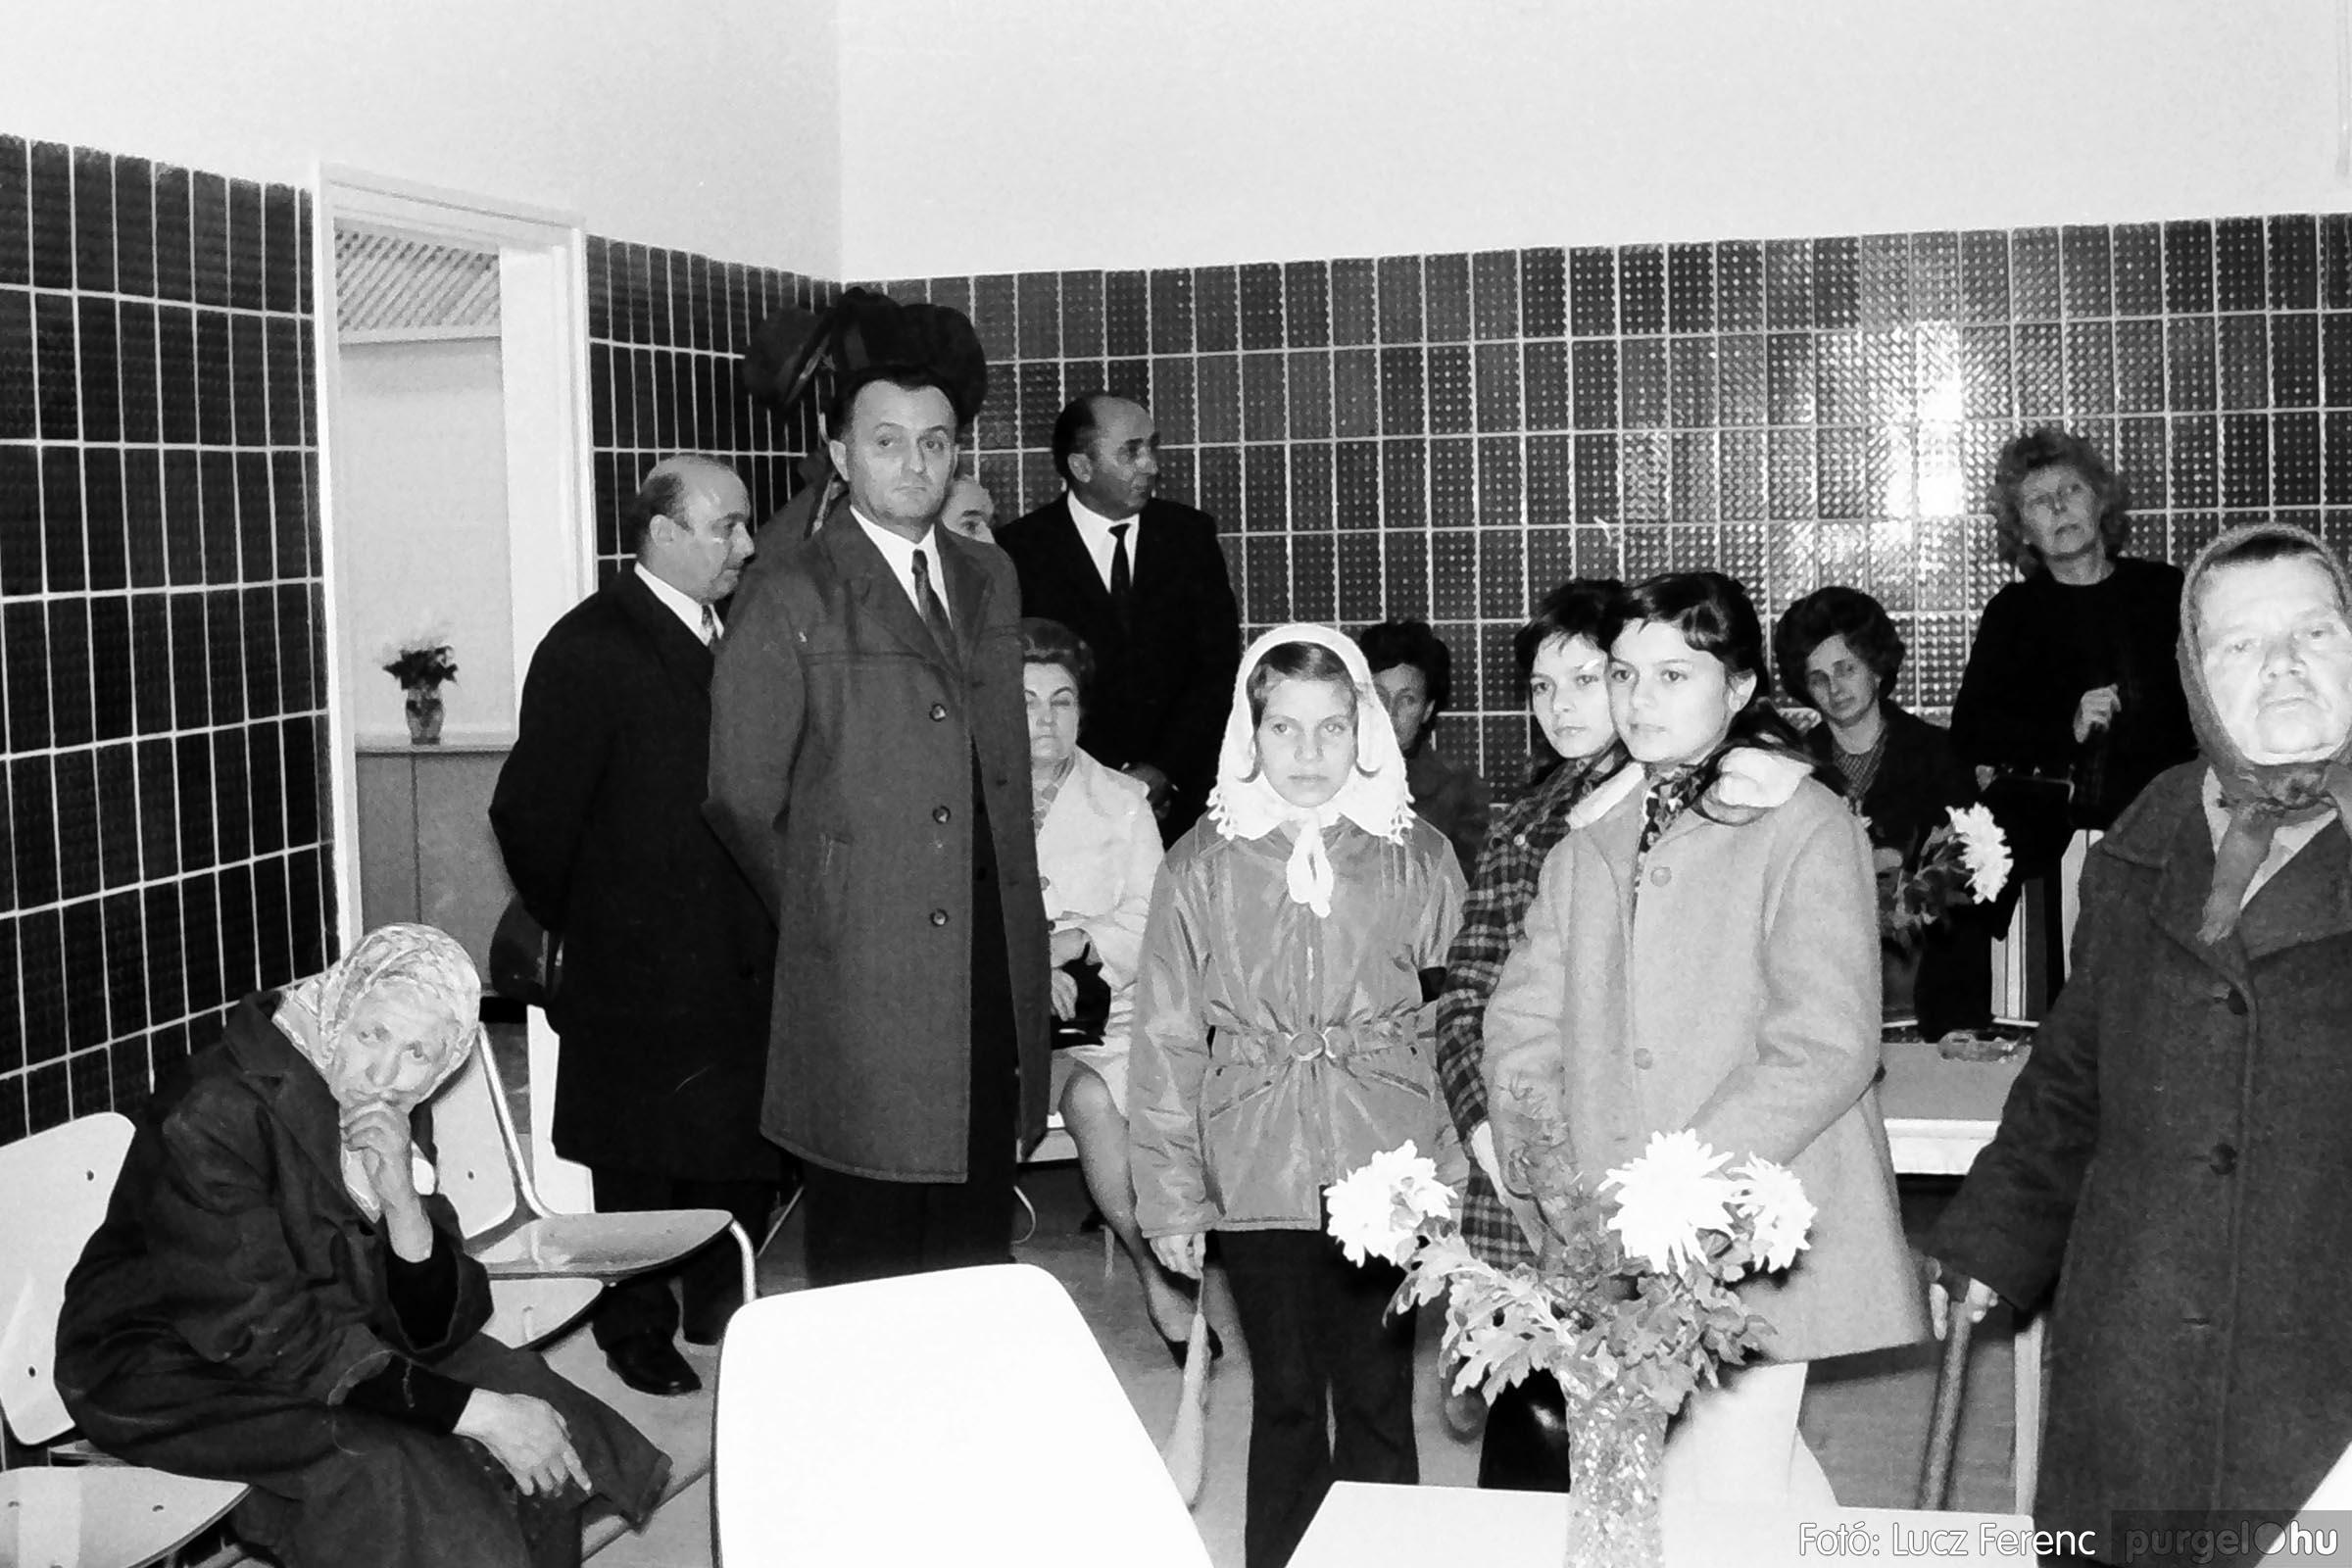 002 1970-es évek - Orvosi rendelő épületének átadása 009 - Fotó: Lucz Ferenc - IMG01107q.jpg